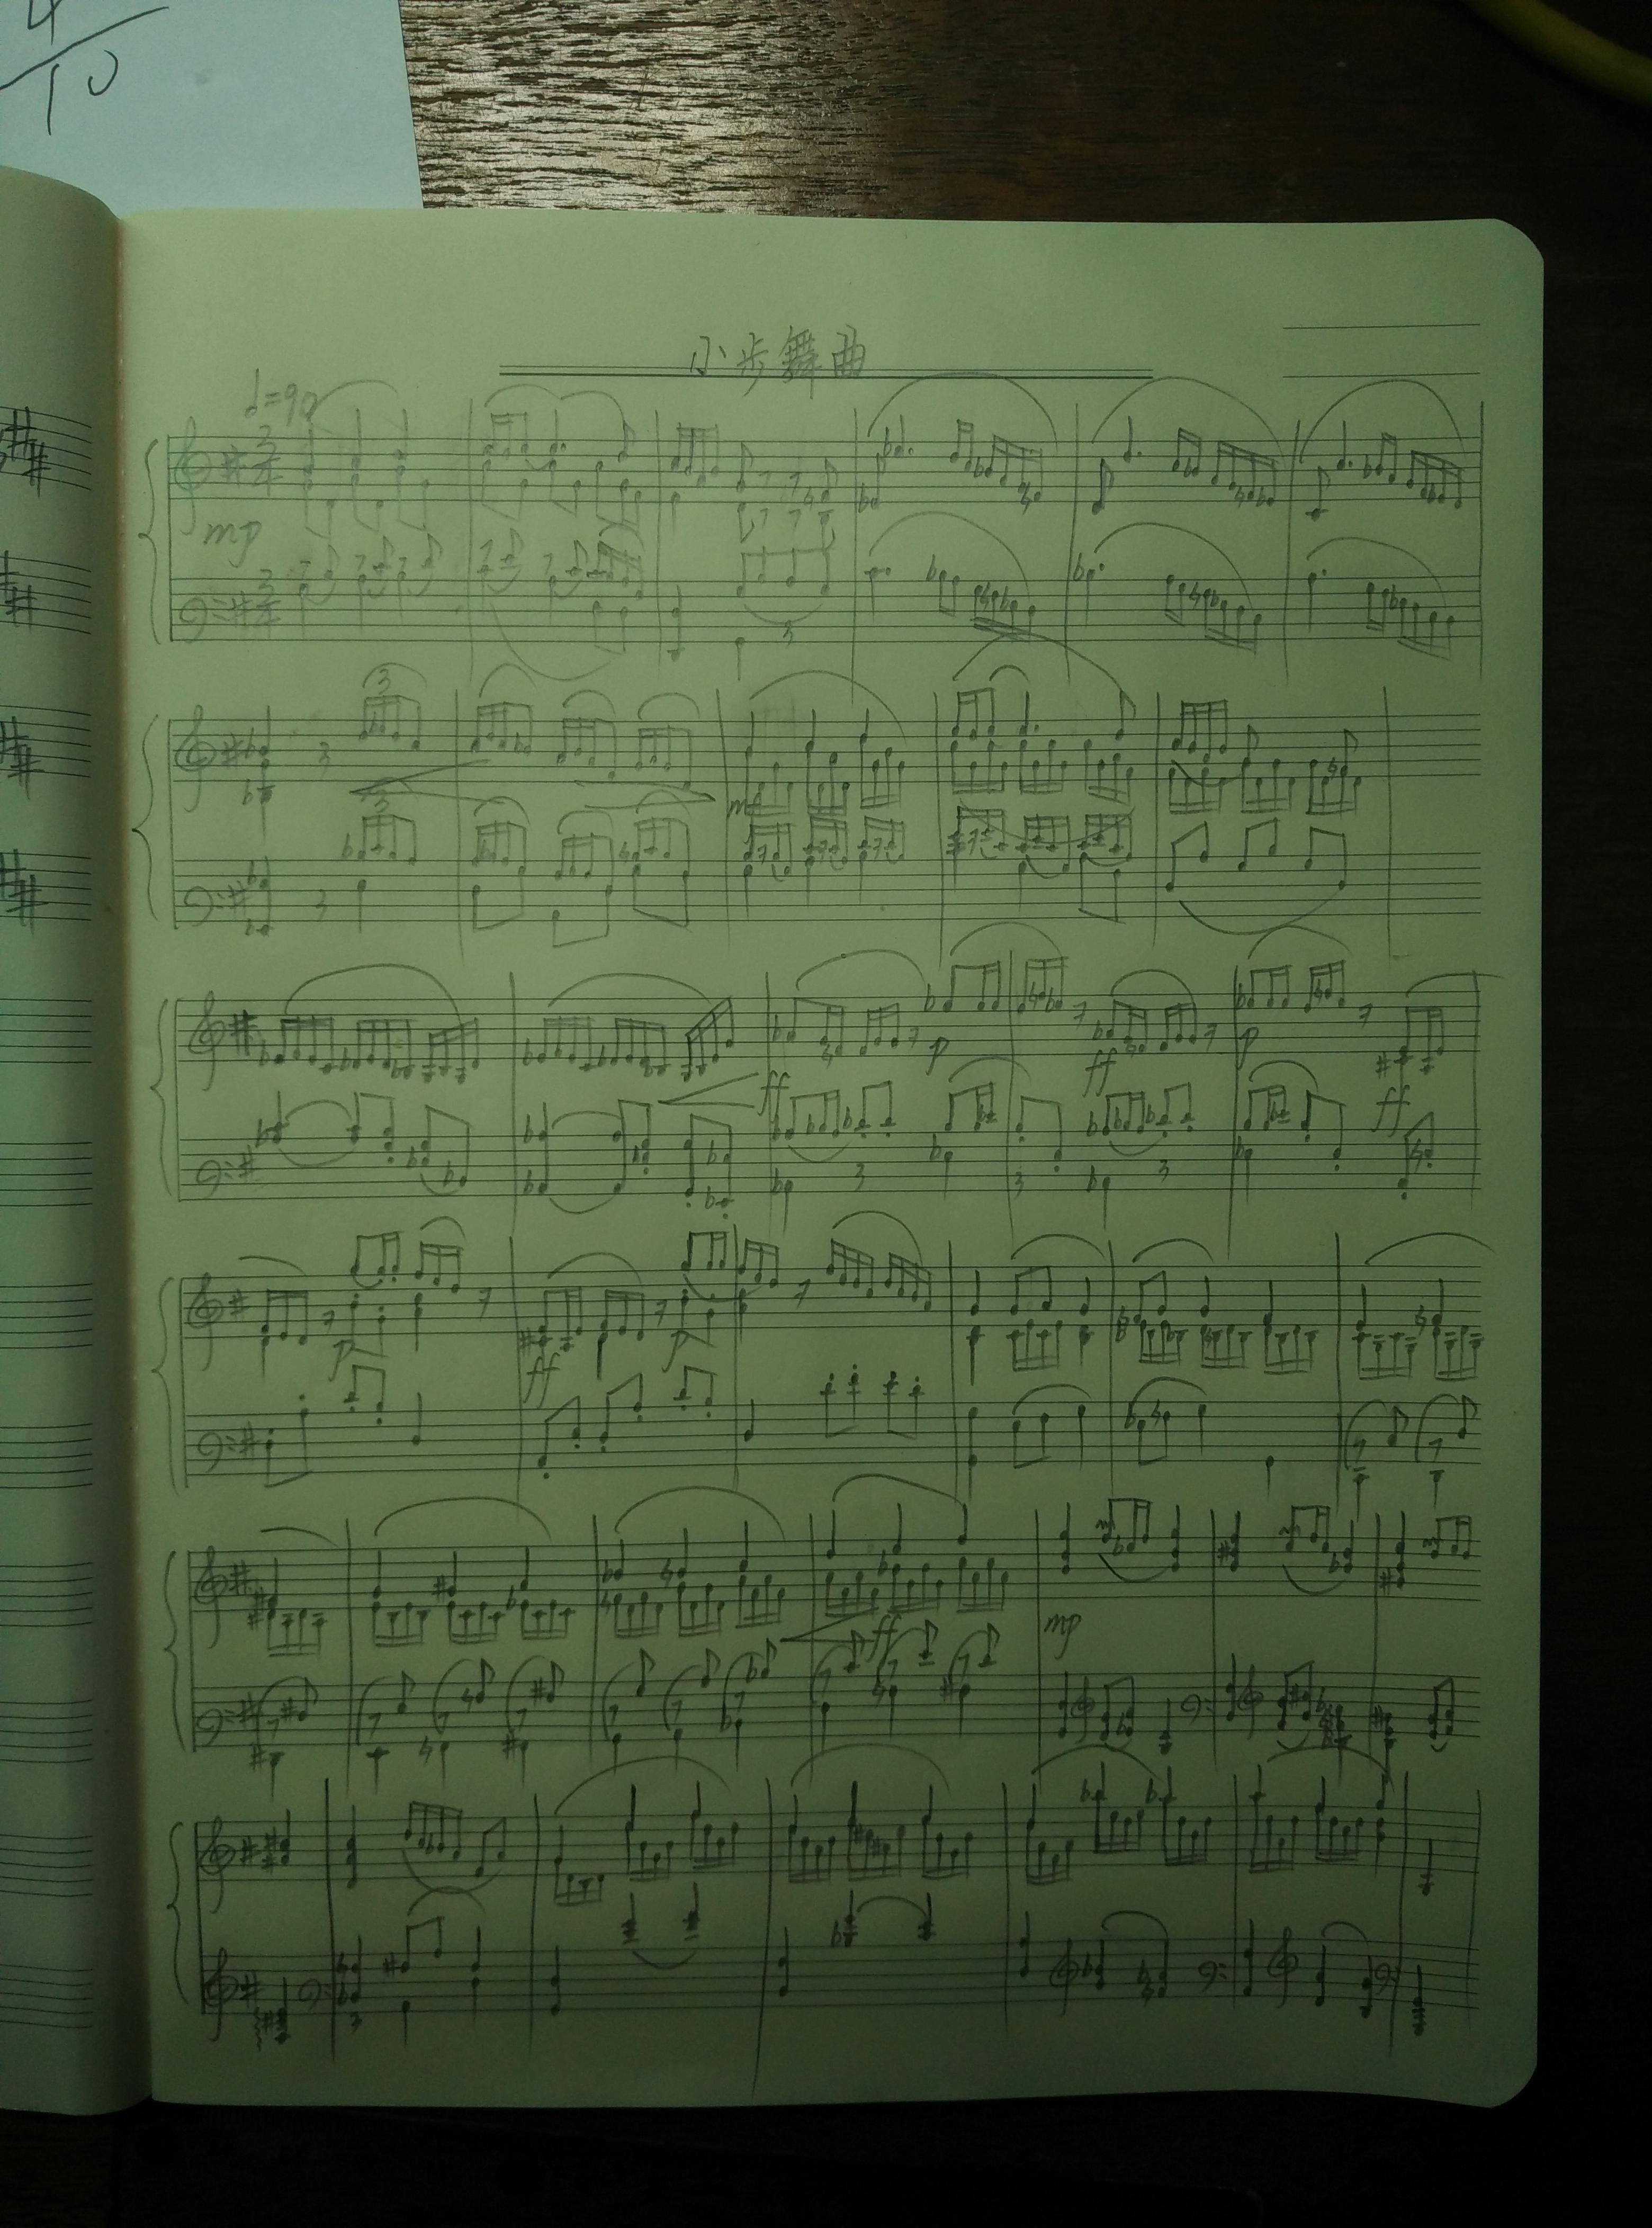 小步舞曲钢琴谱 第1页